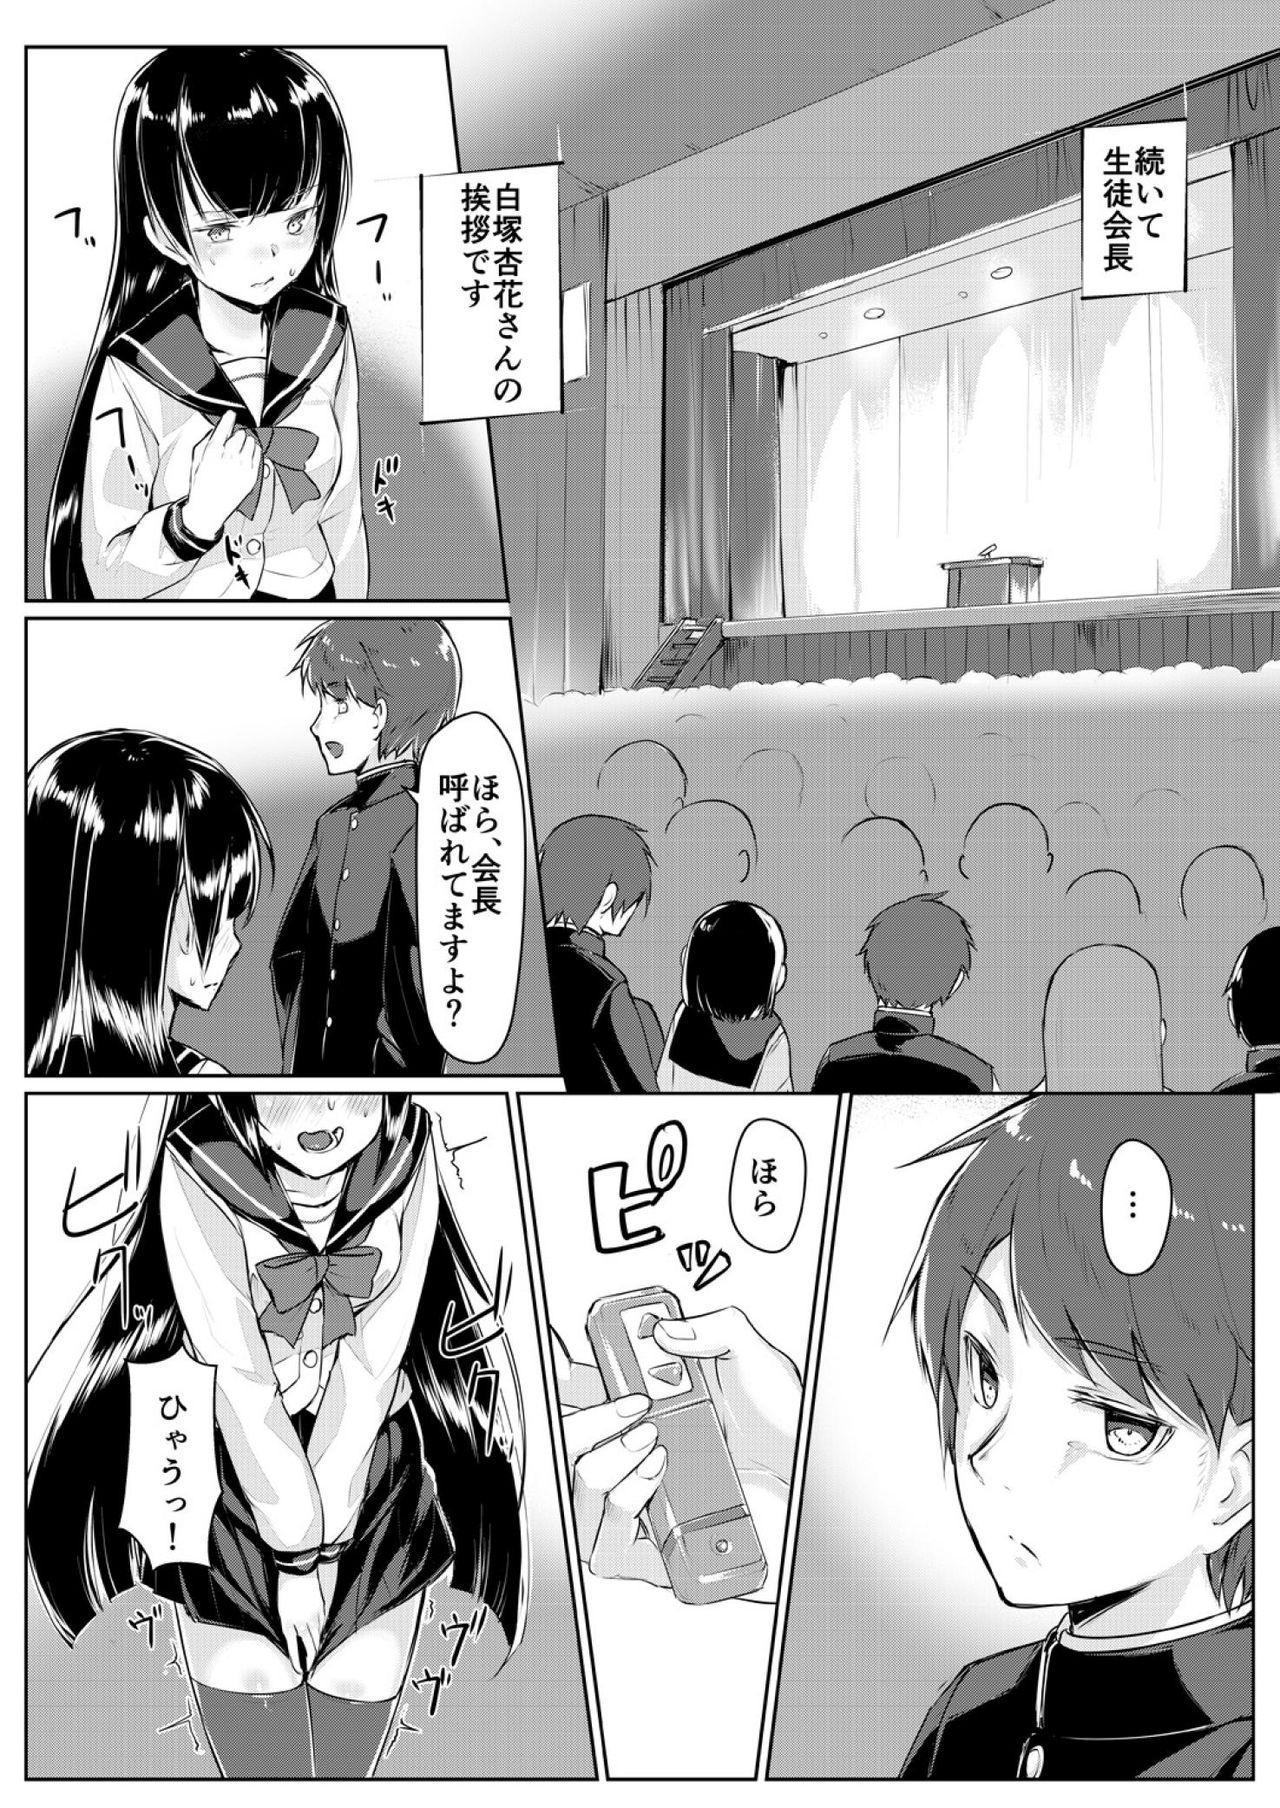 Dosukebe na Seitokaichou o Choukyou Shite yatta ~Minna no Mae de Koukai Onanie!? 17